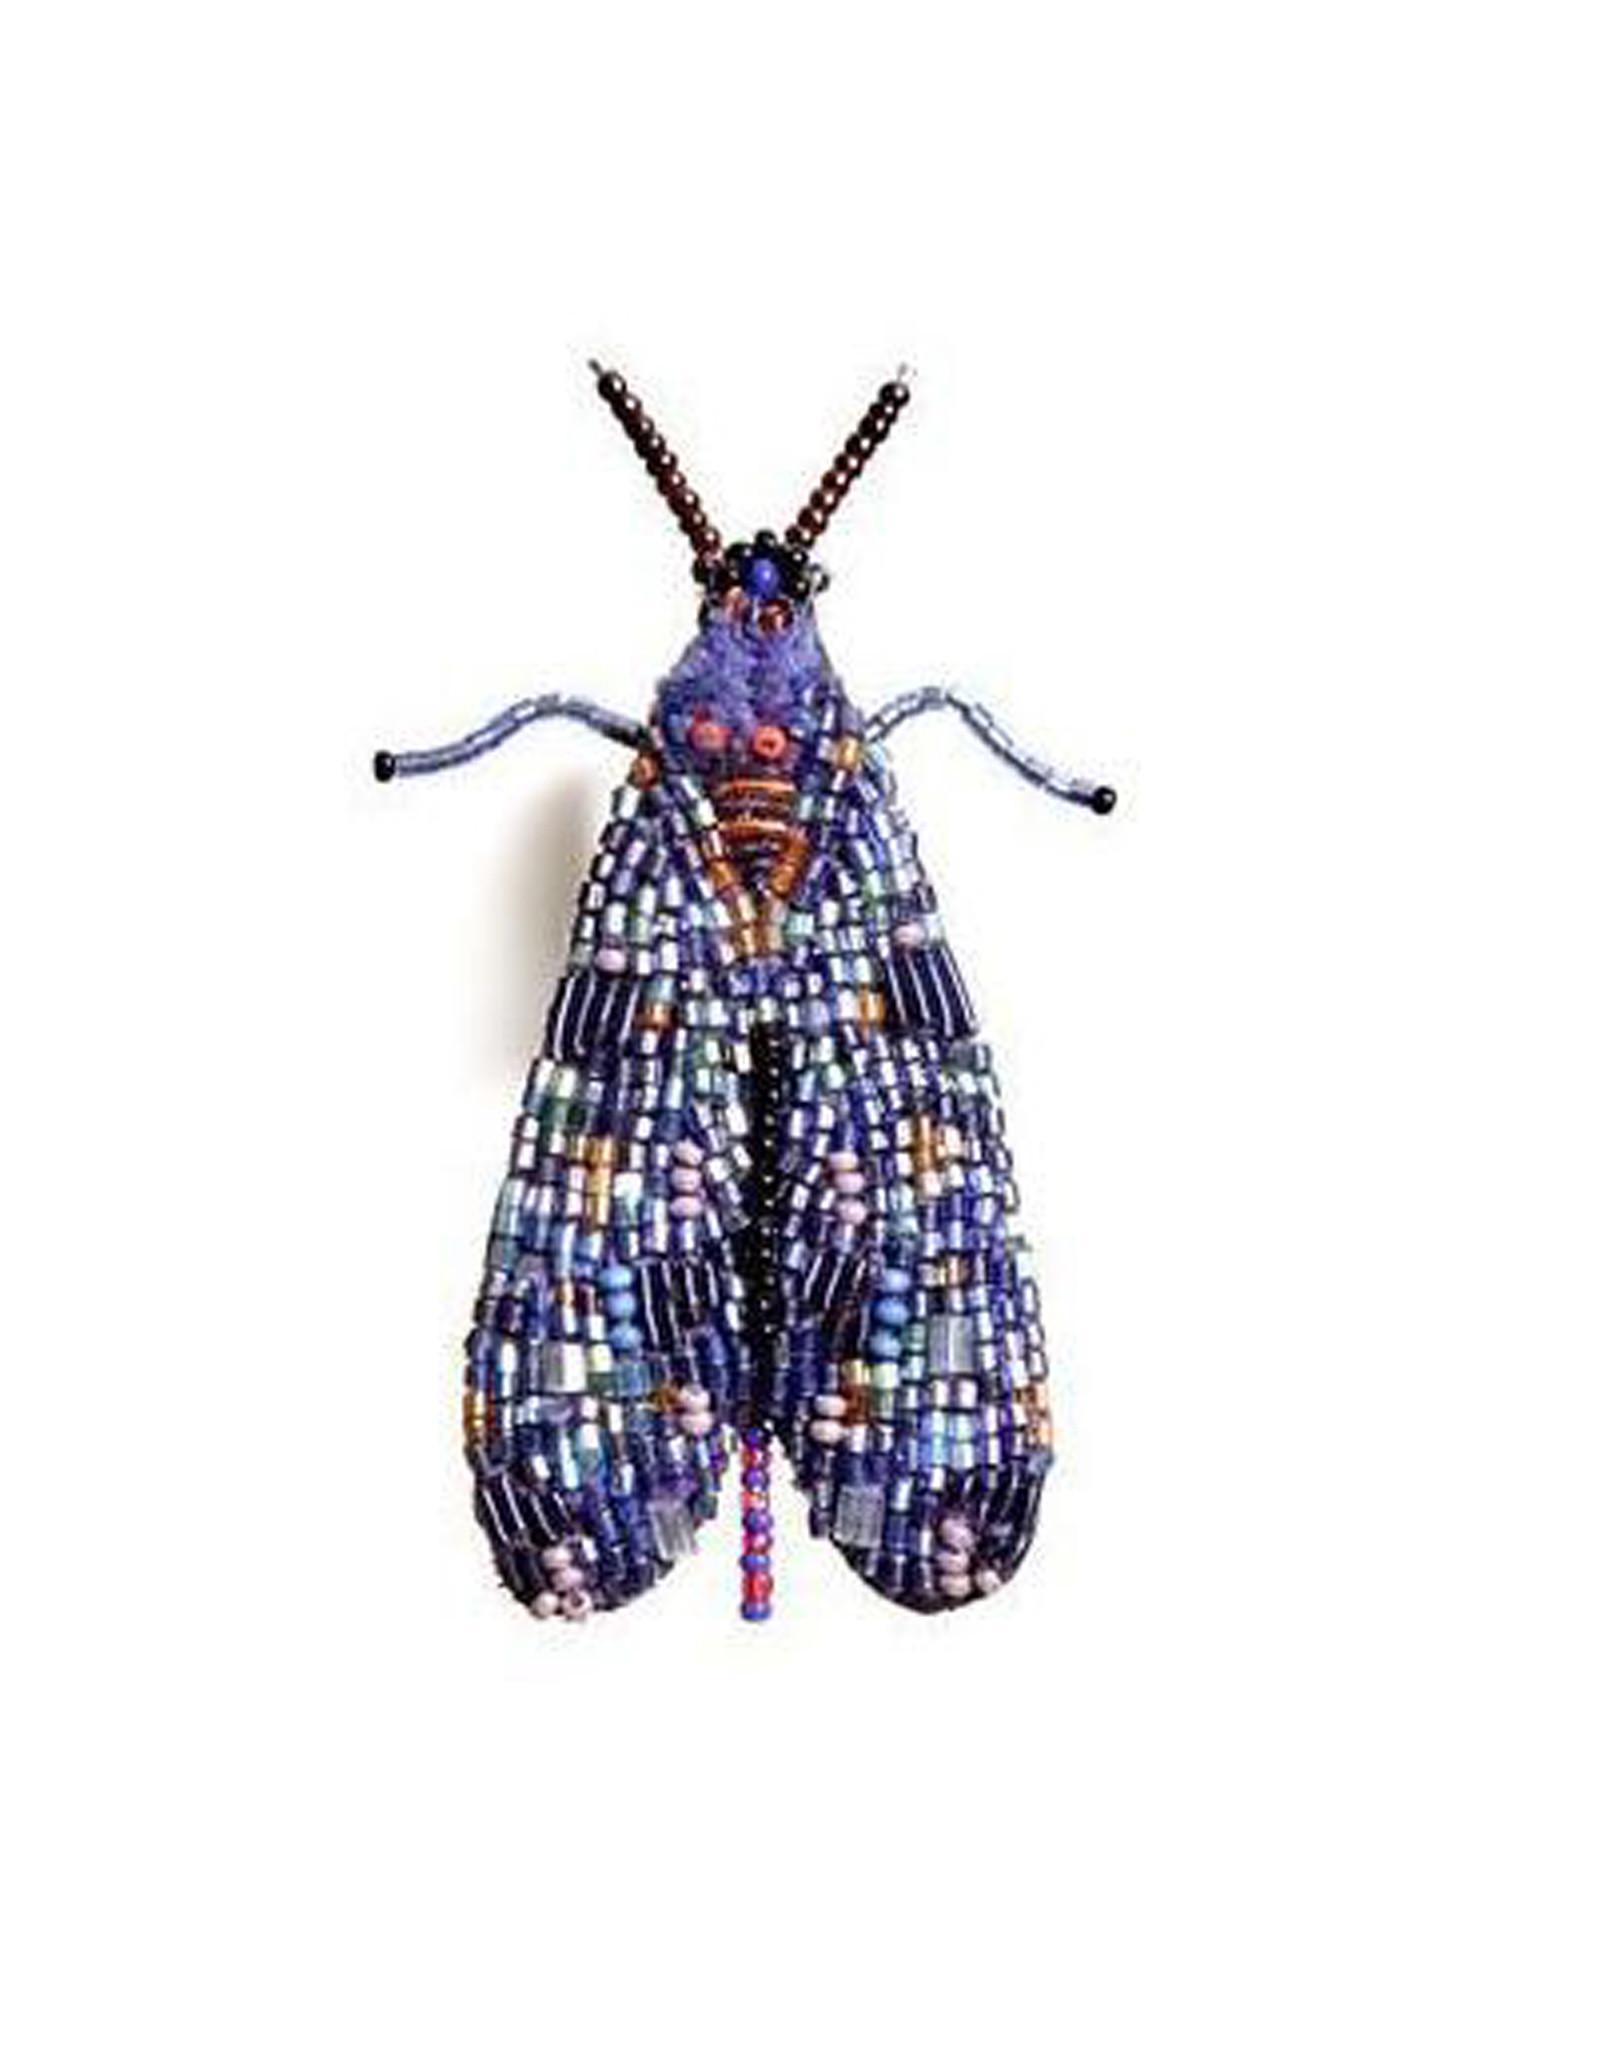 Mosaic Fly Brooch